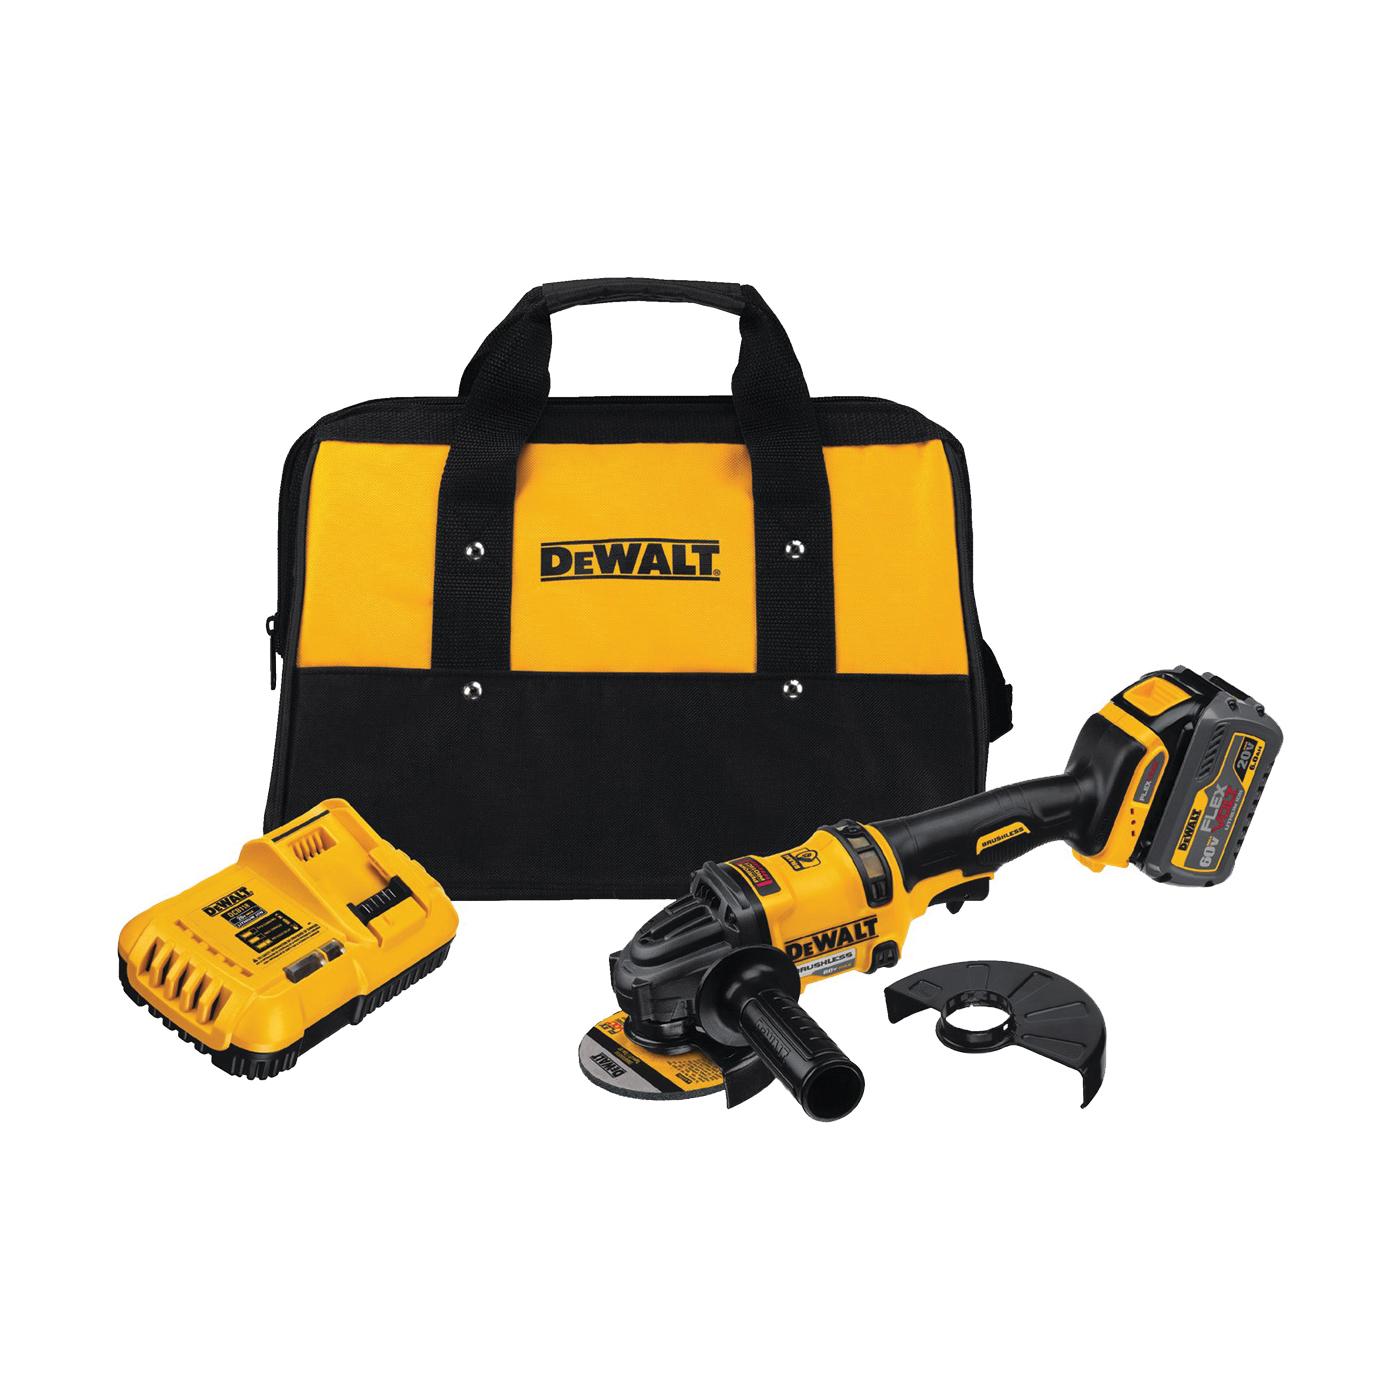 Picture of DeWALT FLEXVOLT DCG414T1 Angle Grinder Kit, Kit, 20 V Battery, 2, 6 Ah, 5/8 in Spindle, 4-1/2 in Dia Wheel